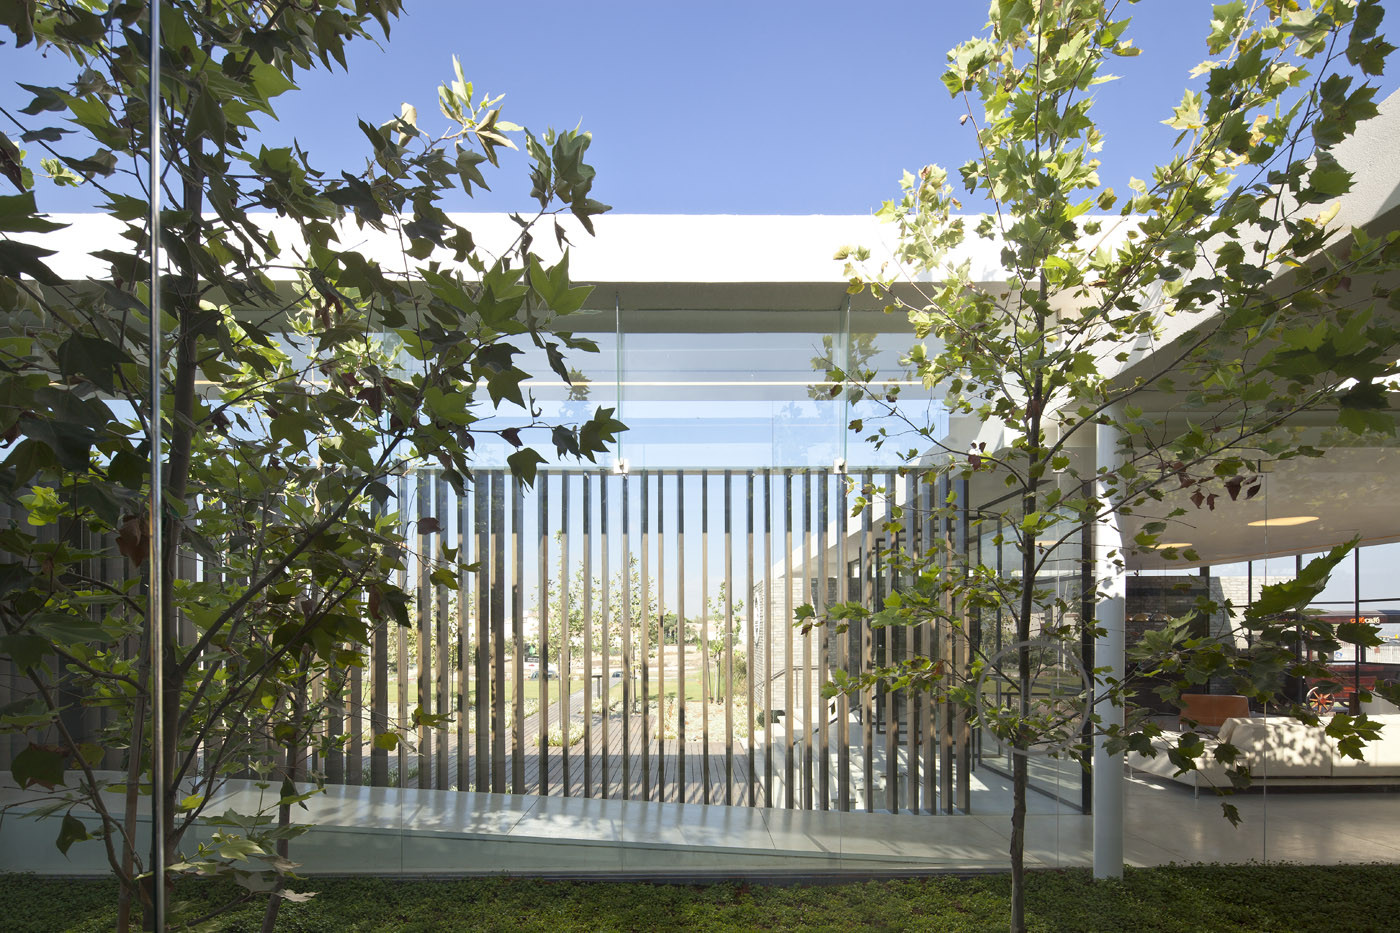 Pavilion 2012 / Pitsou kedem architects